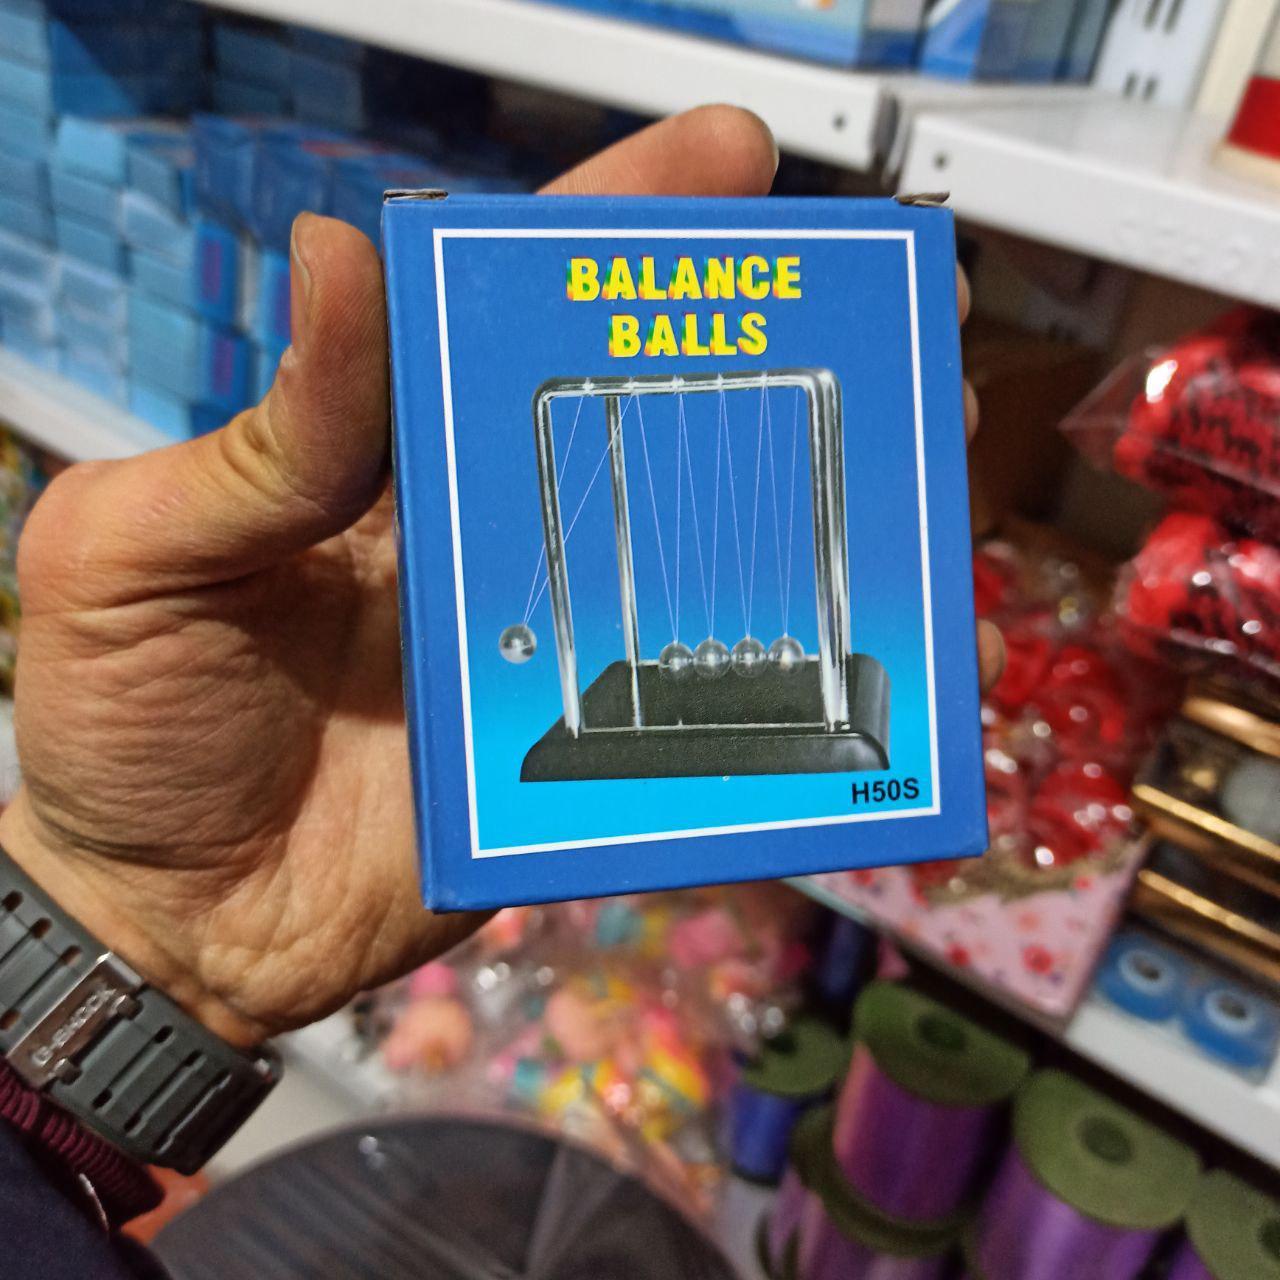 پخش عمده اسباب بازی های خاص بازی بالانس بانز